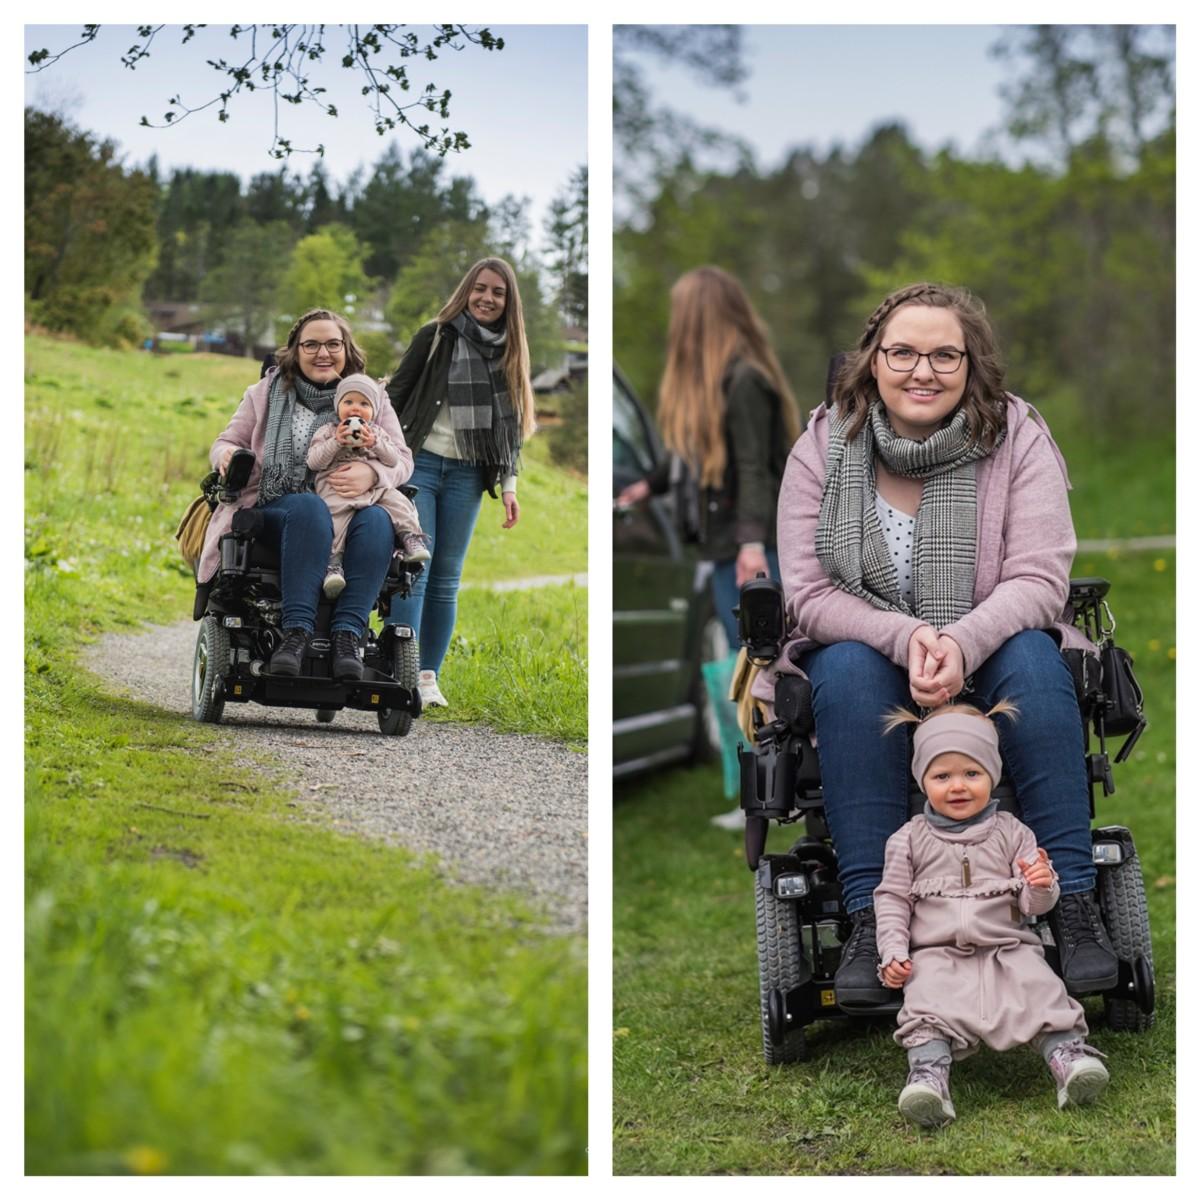 Bildekollasj bestående av to bilder. På bildet til venstre kjører artikkelforfatter ned en sti i rullestol med datteren på fanget. Assistenten går ved siden av dem. På bildet til høyre kikker artikkelforfatter inn i kameraet med datteren sittende ved beina sine. I bakgrunnen åpner assistenten en bildør.